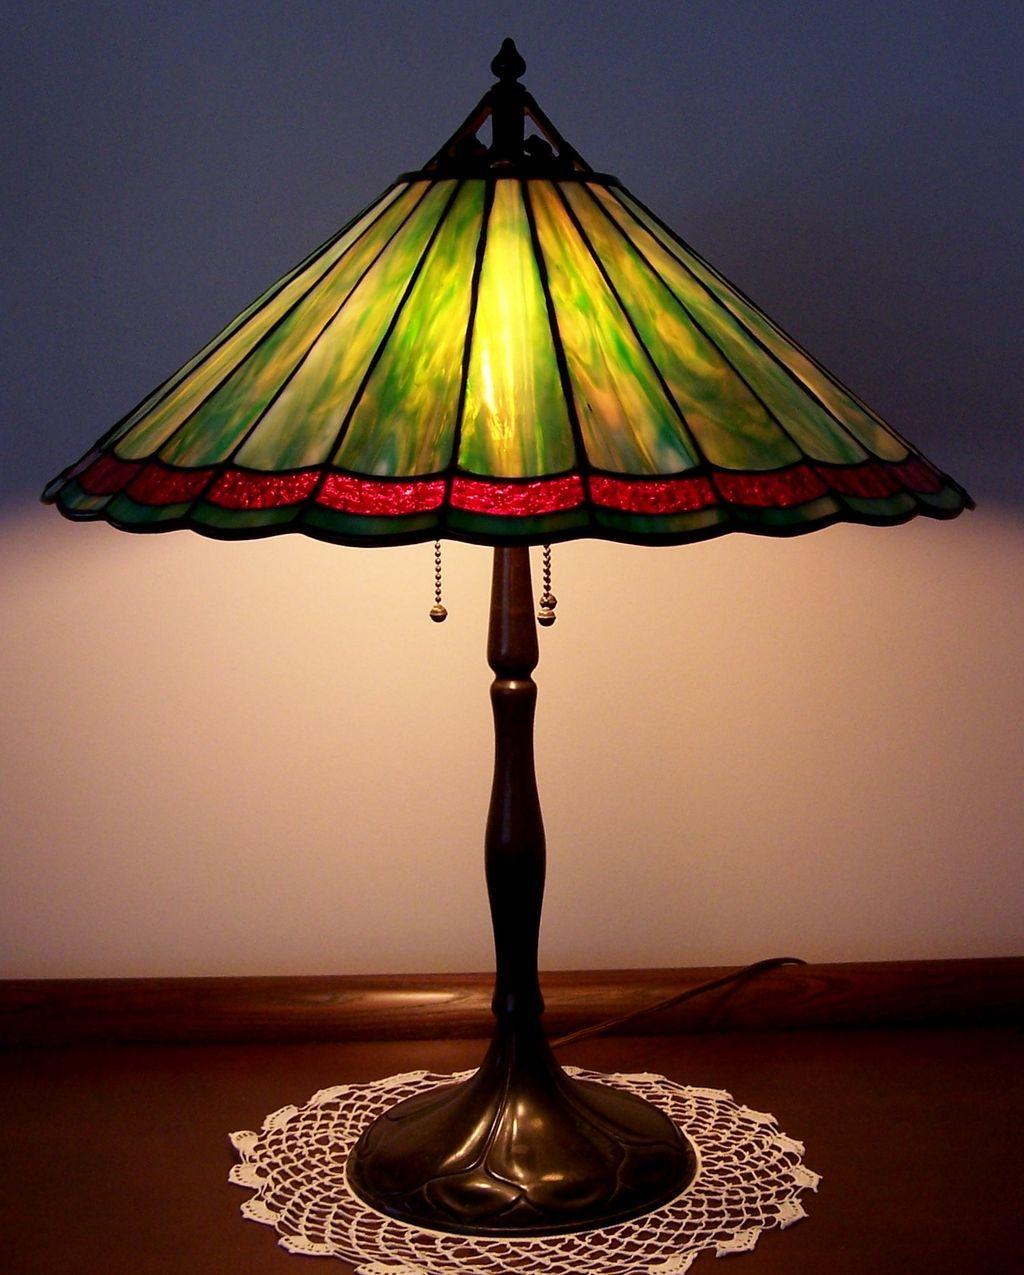 antique handel leaded glass table lamp sold on ruby lane. Black Bedroom Furniture Sets. Home Design Ideas